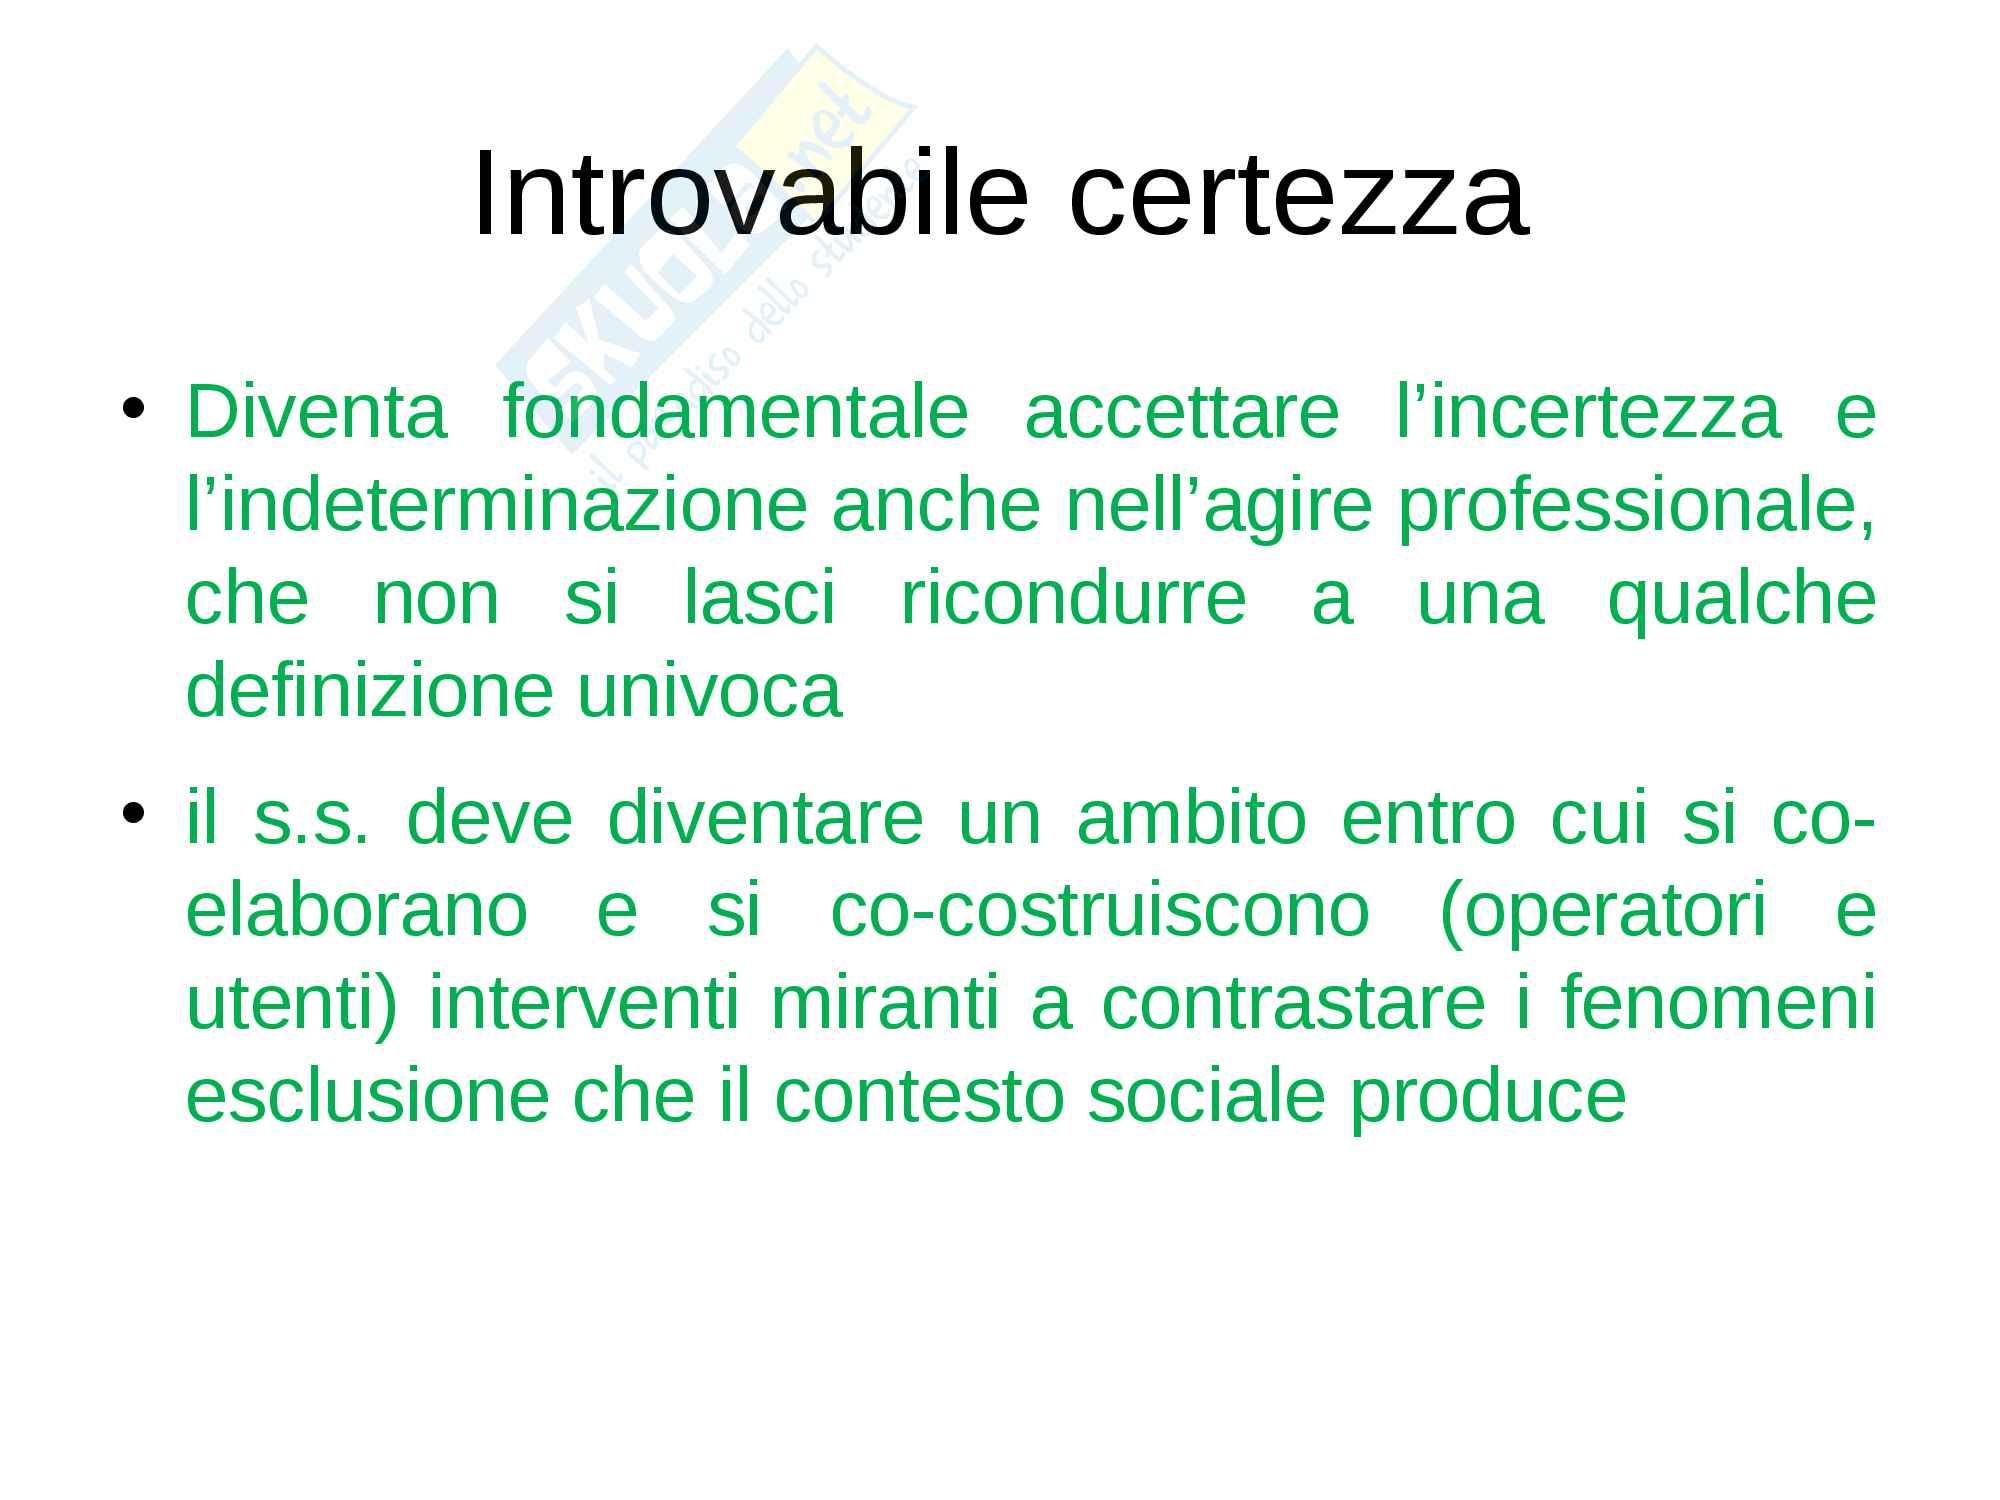 Storia del servizio sociale Pag. 46